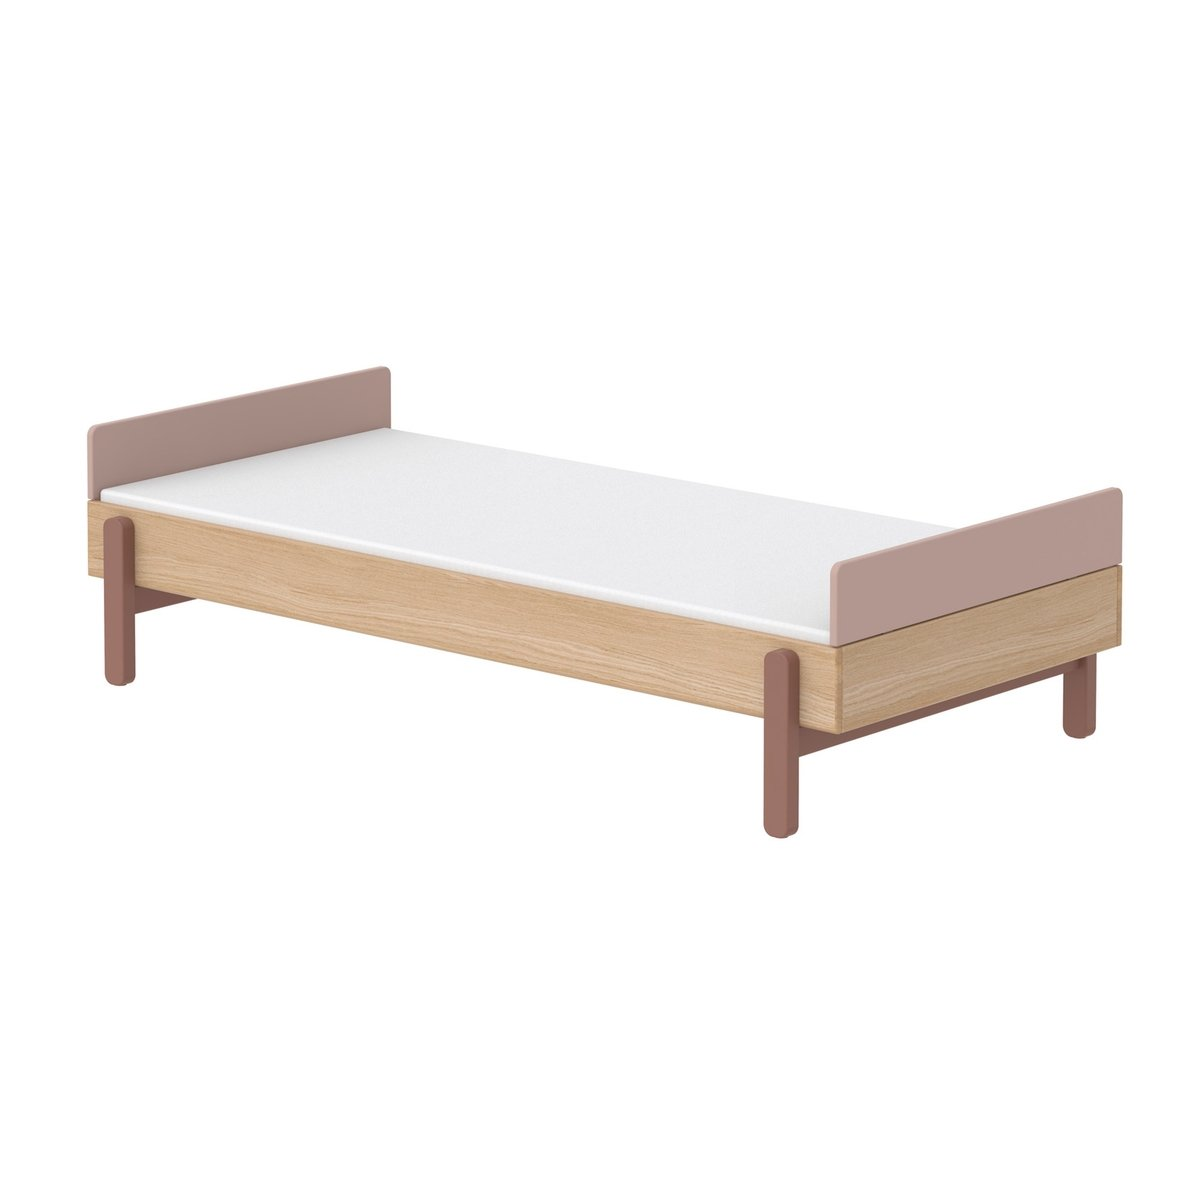 """Flexa großes Kinderbett """"Popsicle"""" aus Holz (120×200 cm) mit hohem Kopfteil, TÜV-geprüft (ab 4 Jahre) in grün Kinderbetten"""